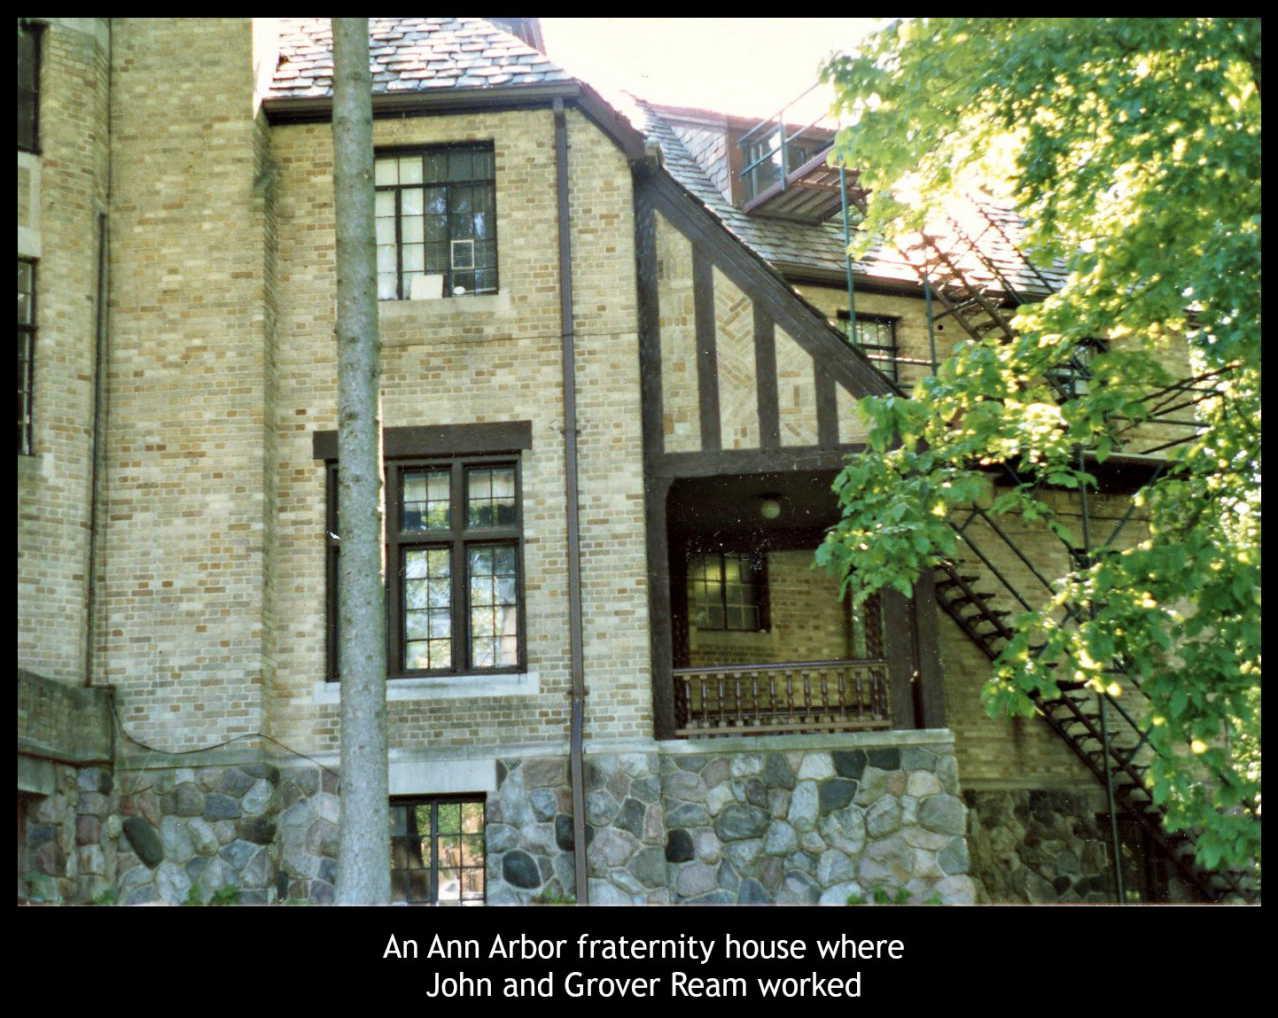 Ann Arbor Fraternity house